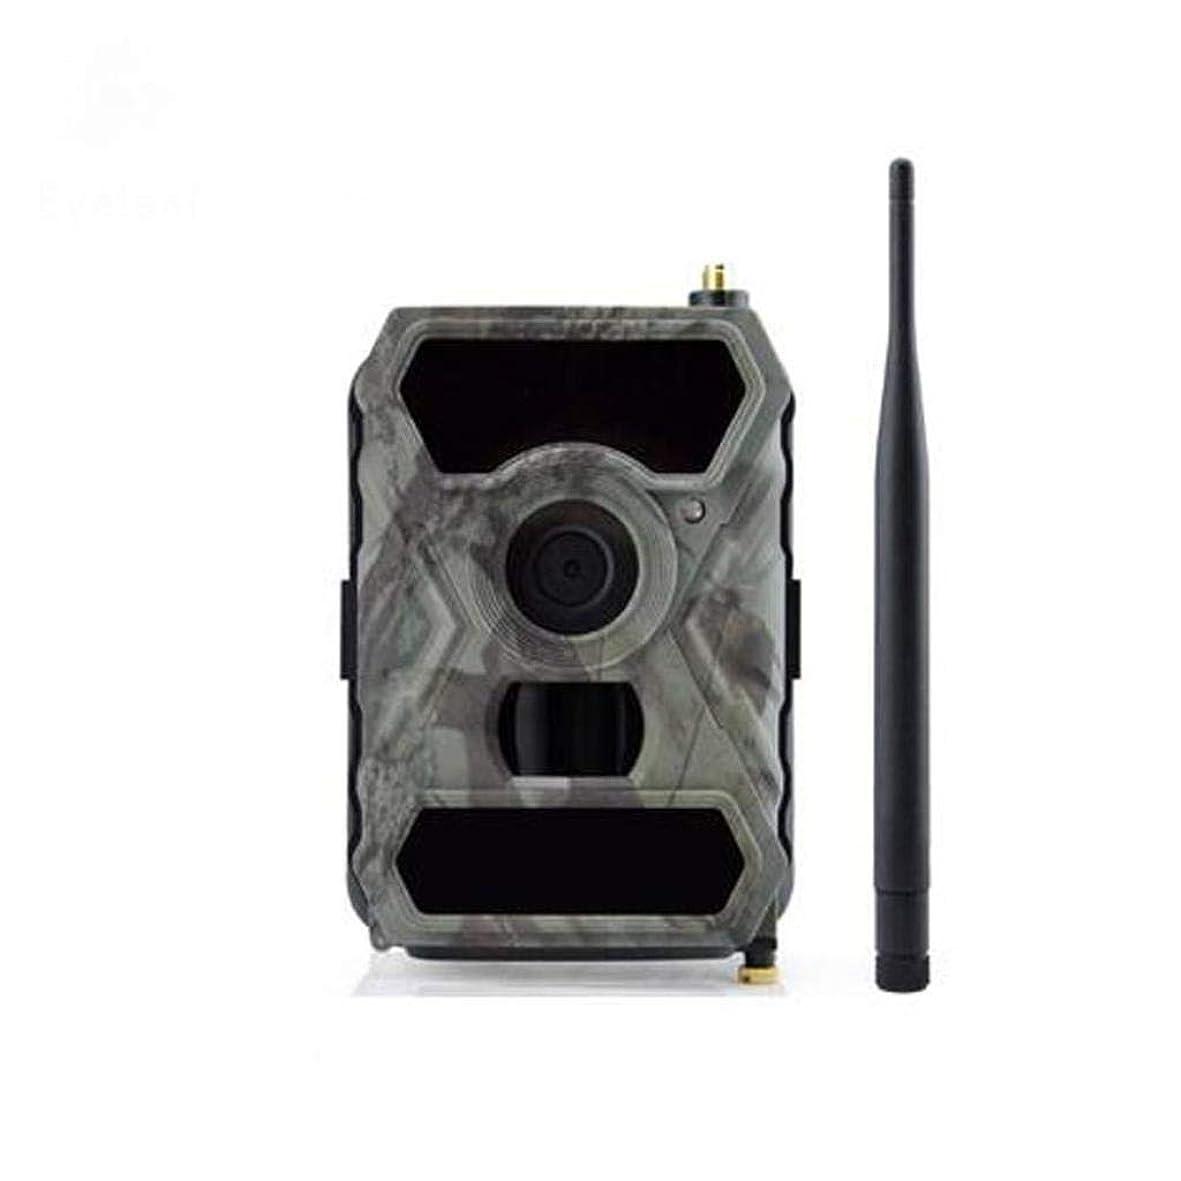 弁護暴動契約したゲームトラップカメラ、3 g野生生物トレイルカメラ12 mp赤外線ナイトビジョンモーション狩猟カメラ防水用屋外監視ホームセキュリティ狩猟